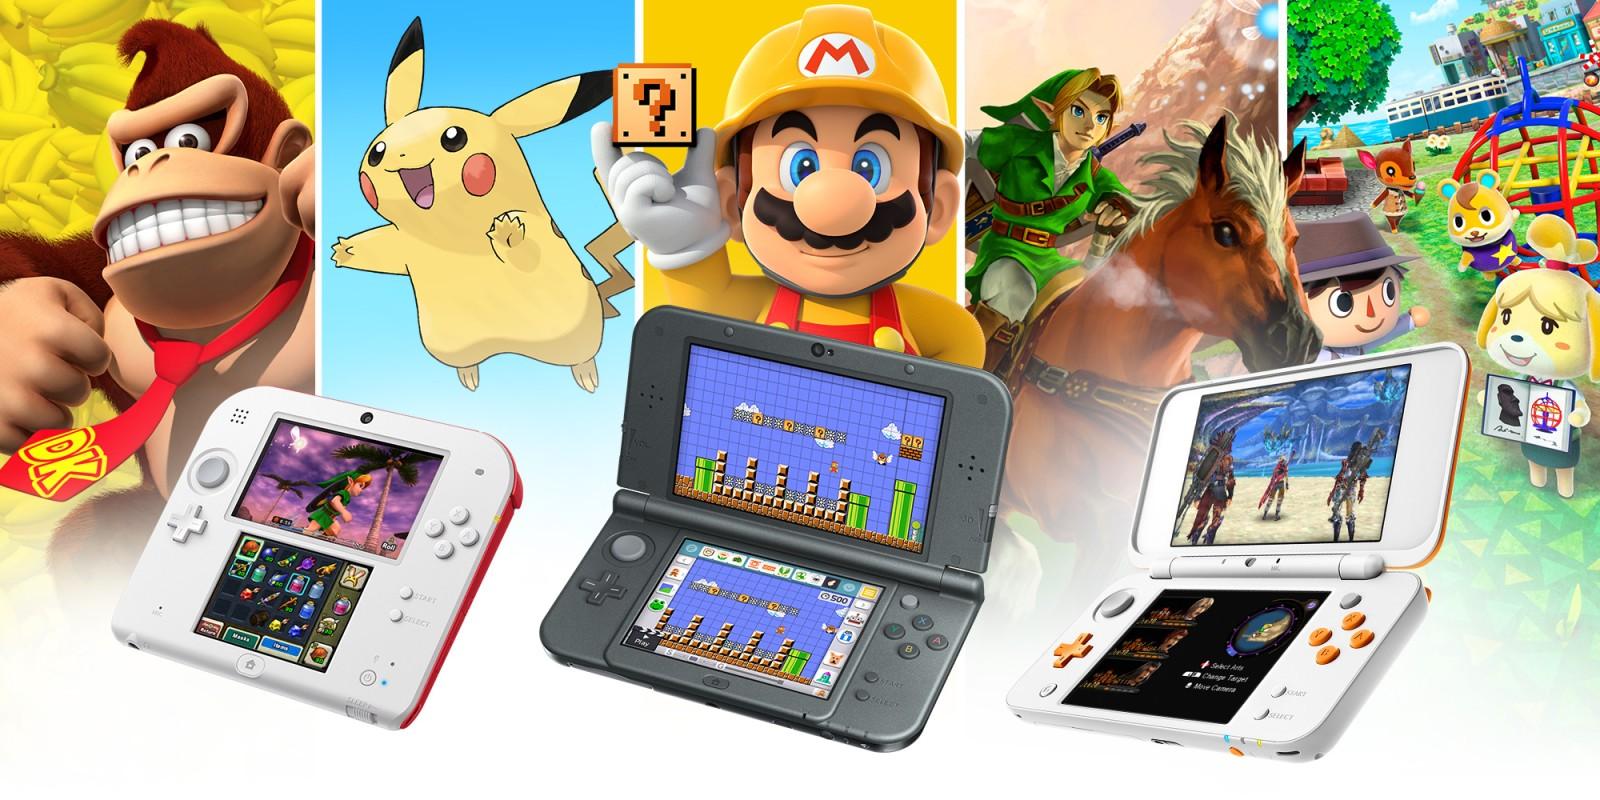 Nintendo diz que não há mais novos anúncios de títulos first-party para o Nintendo 3DS